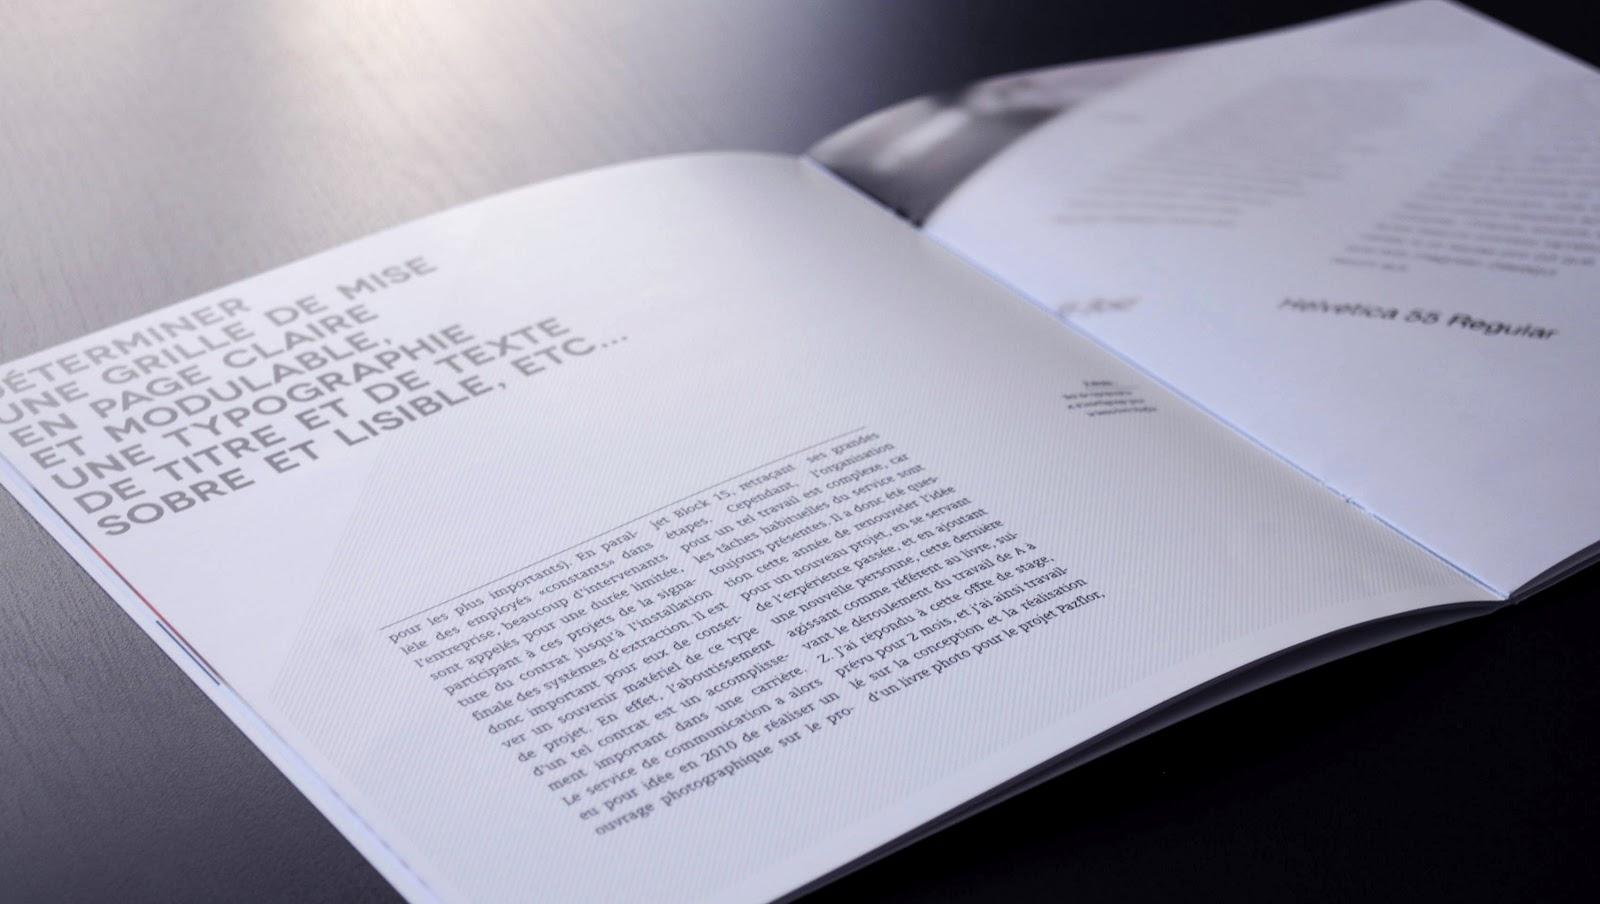 Bien-aimé Typographisme: Rapport de Stage 2 WF63